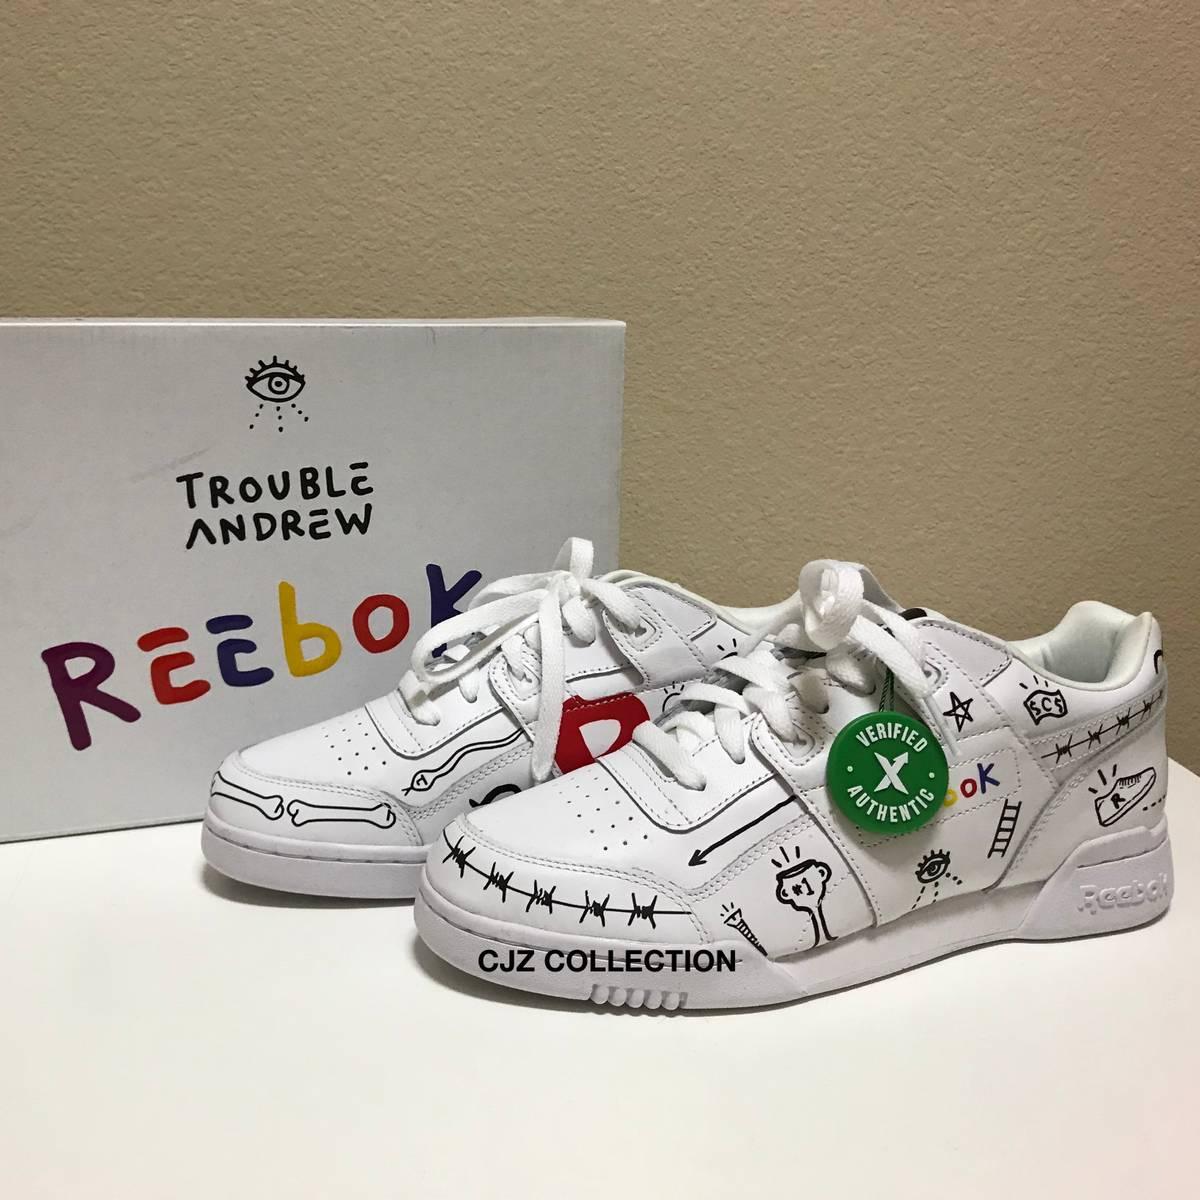 32b641bd8d1 Reebok Rare Reebok X Trouble Andrew 3 Am Workout Plus Sneakers